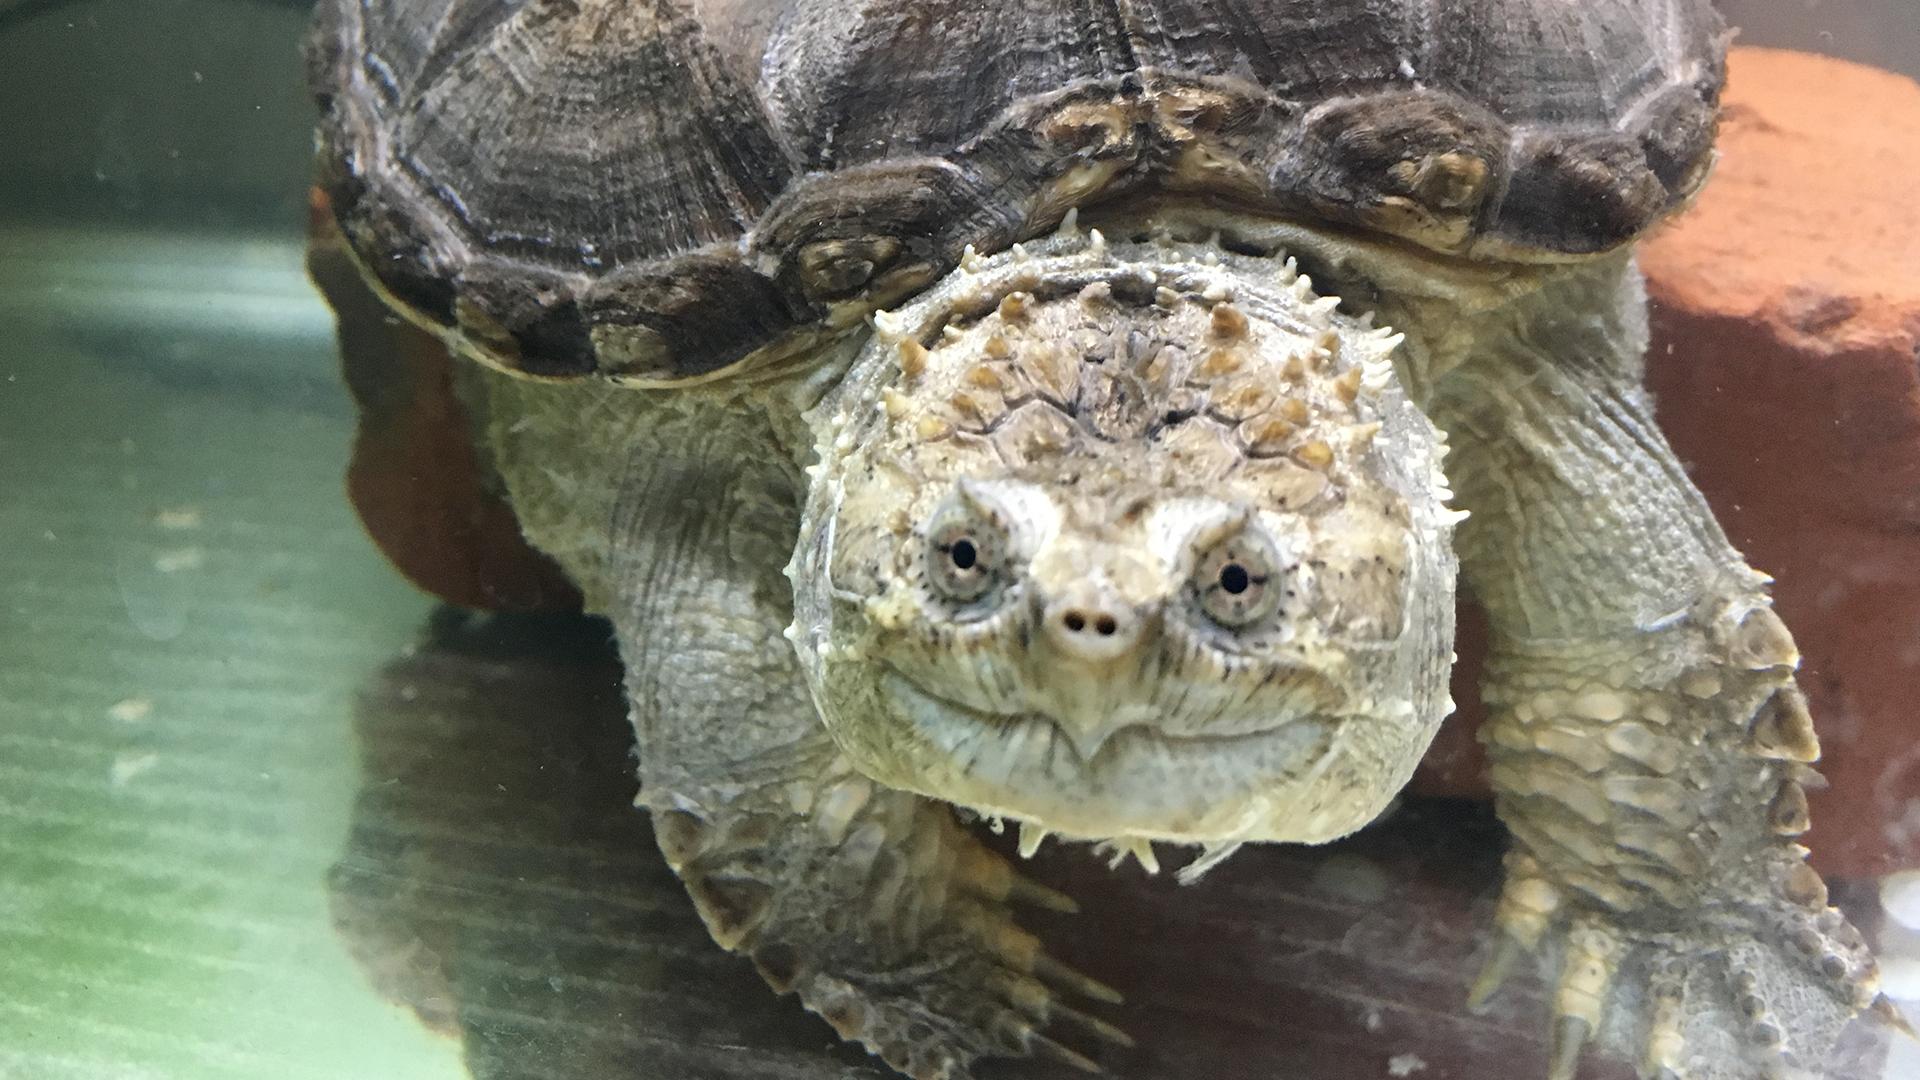 给佛鳄龟喂一只螃蟹看看